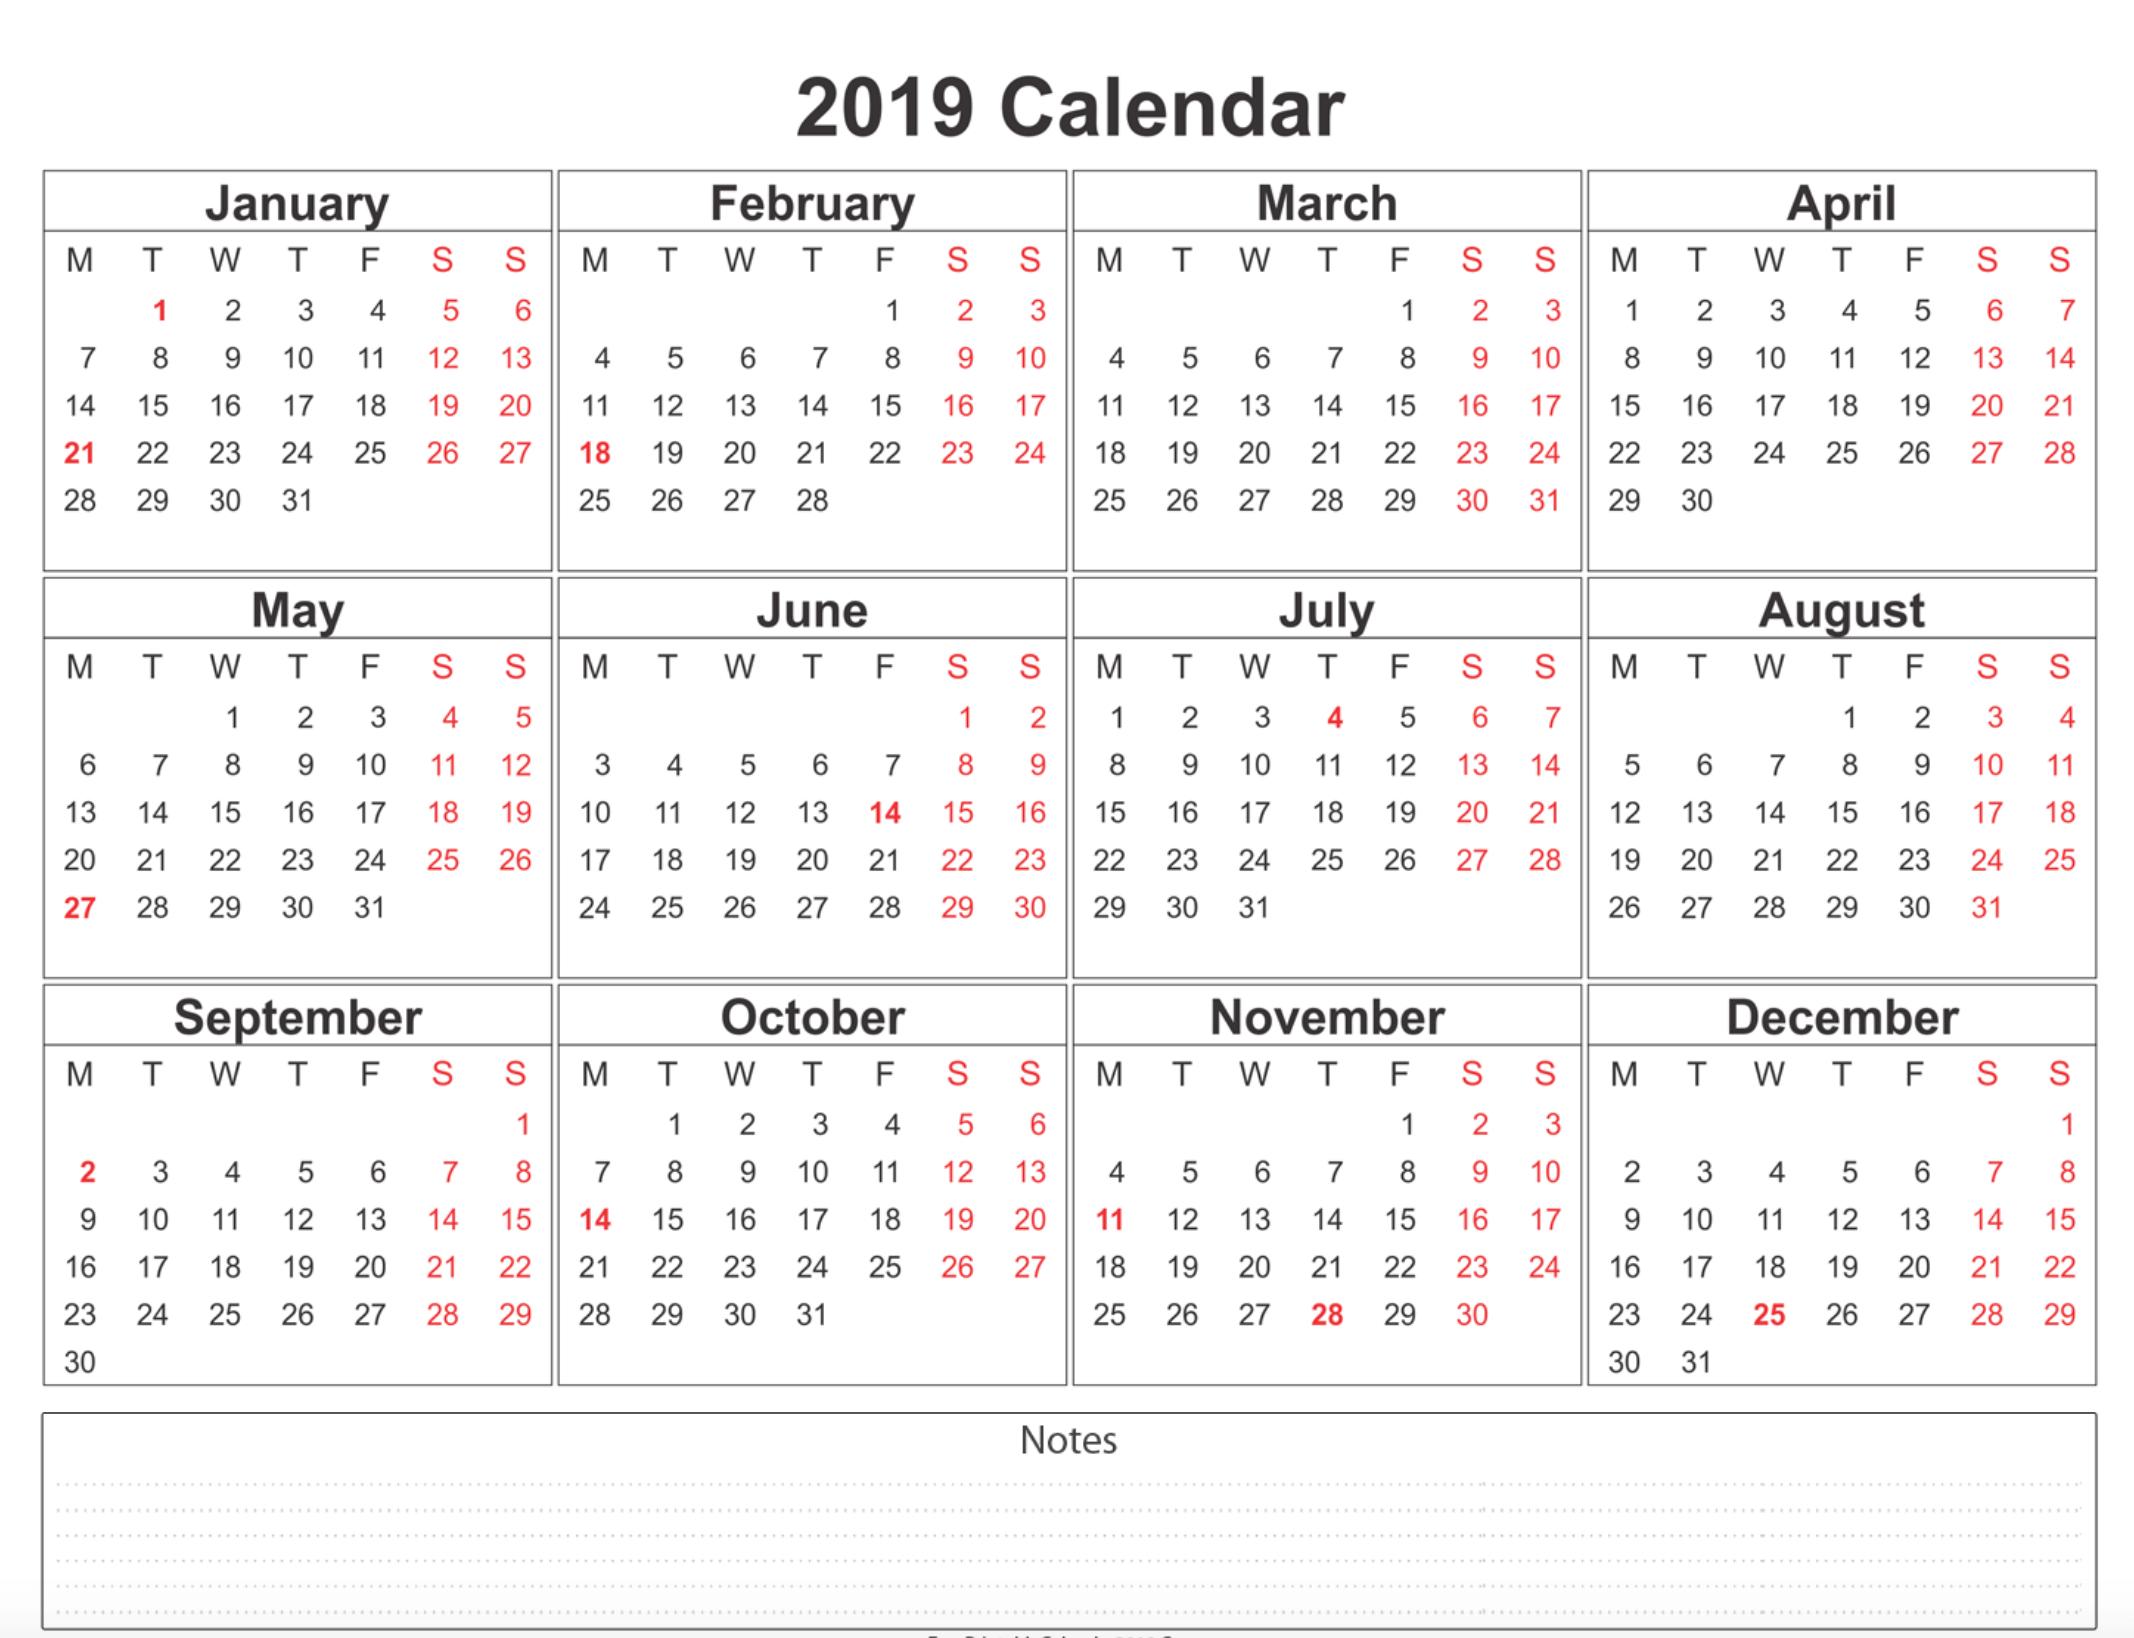 Printable Calendar 2019 Microsoft Word | Printable Calendar 2019 Calendar 2019 Microsoft Word